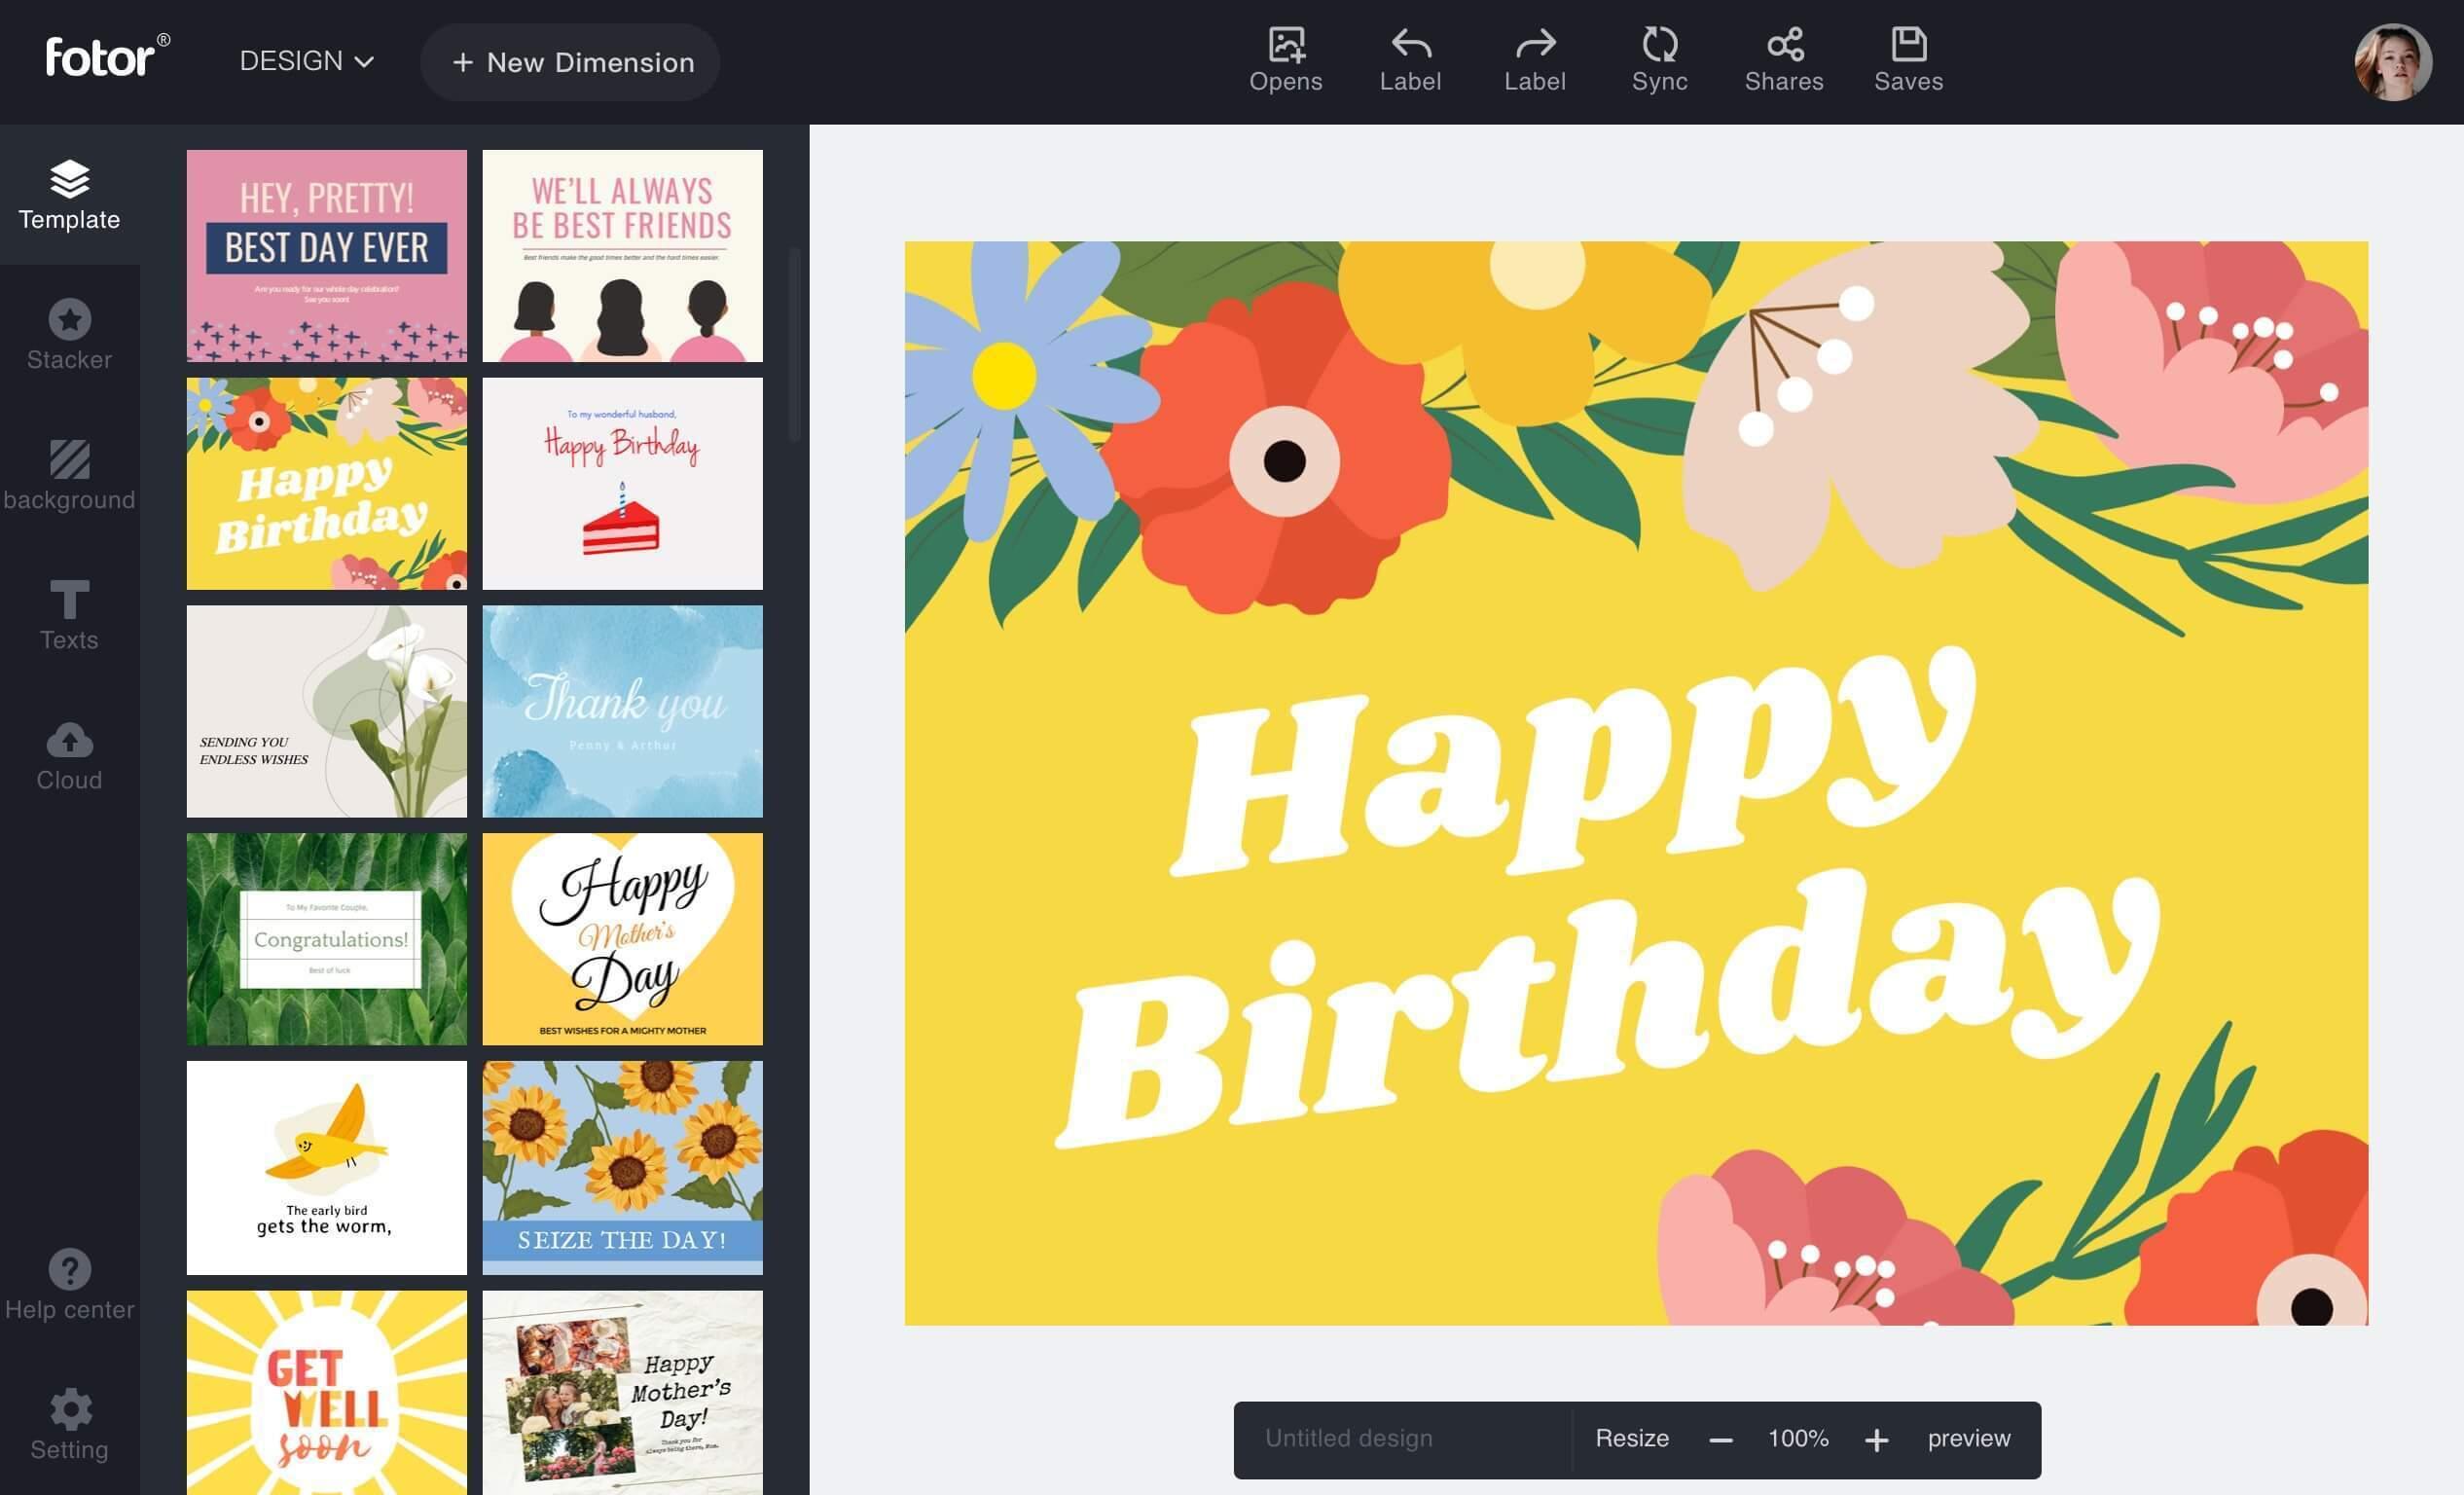 editor de fotos en l?nea gratuito free online image editor